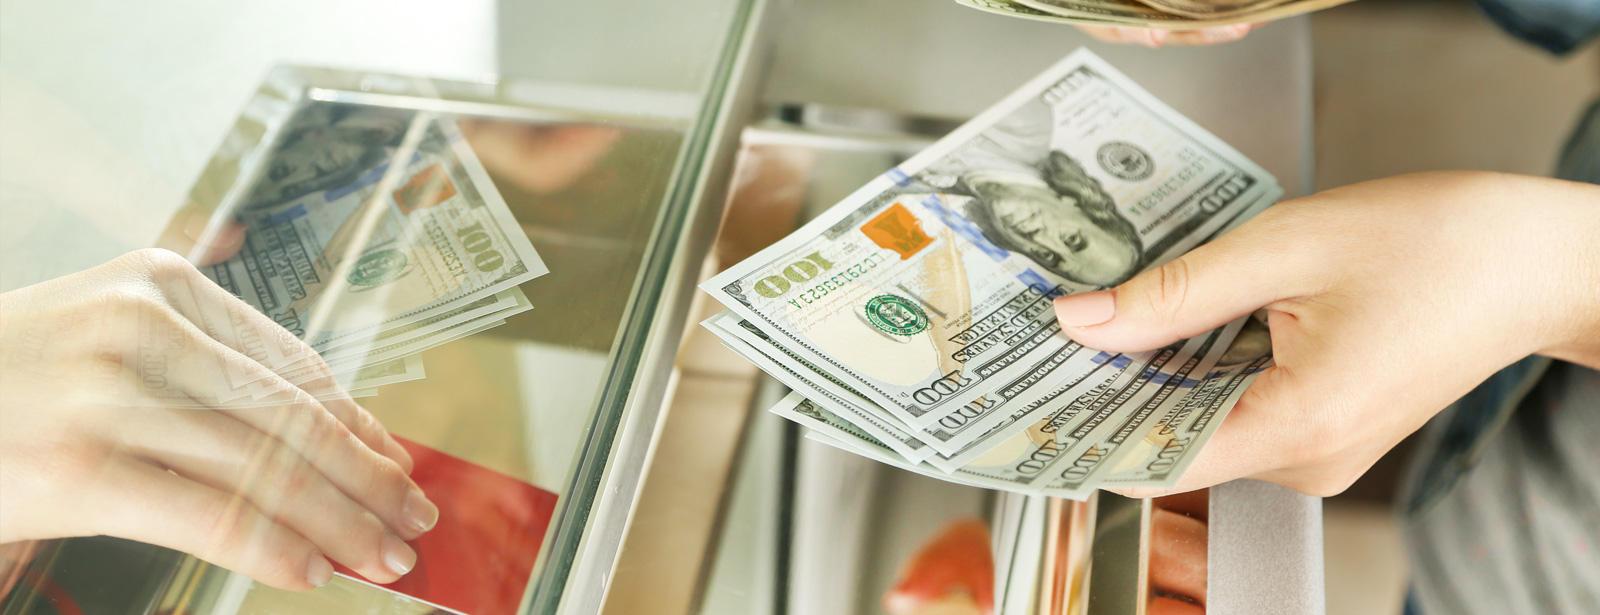 С 20 августа коммерческие банки Узбекистана начали продажу иностранной валюты в наличной форме